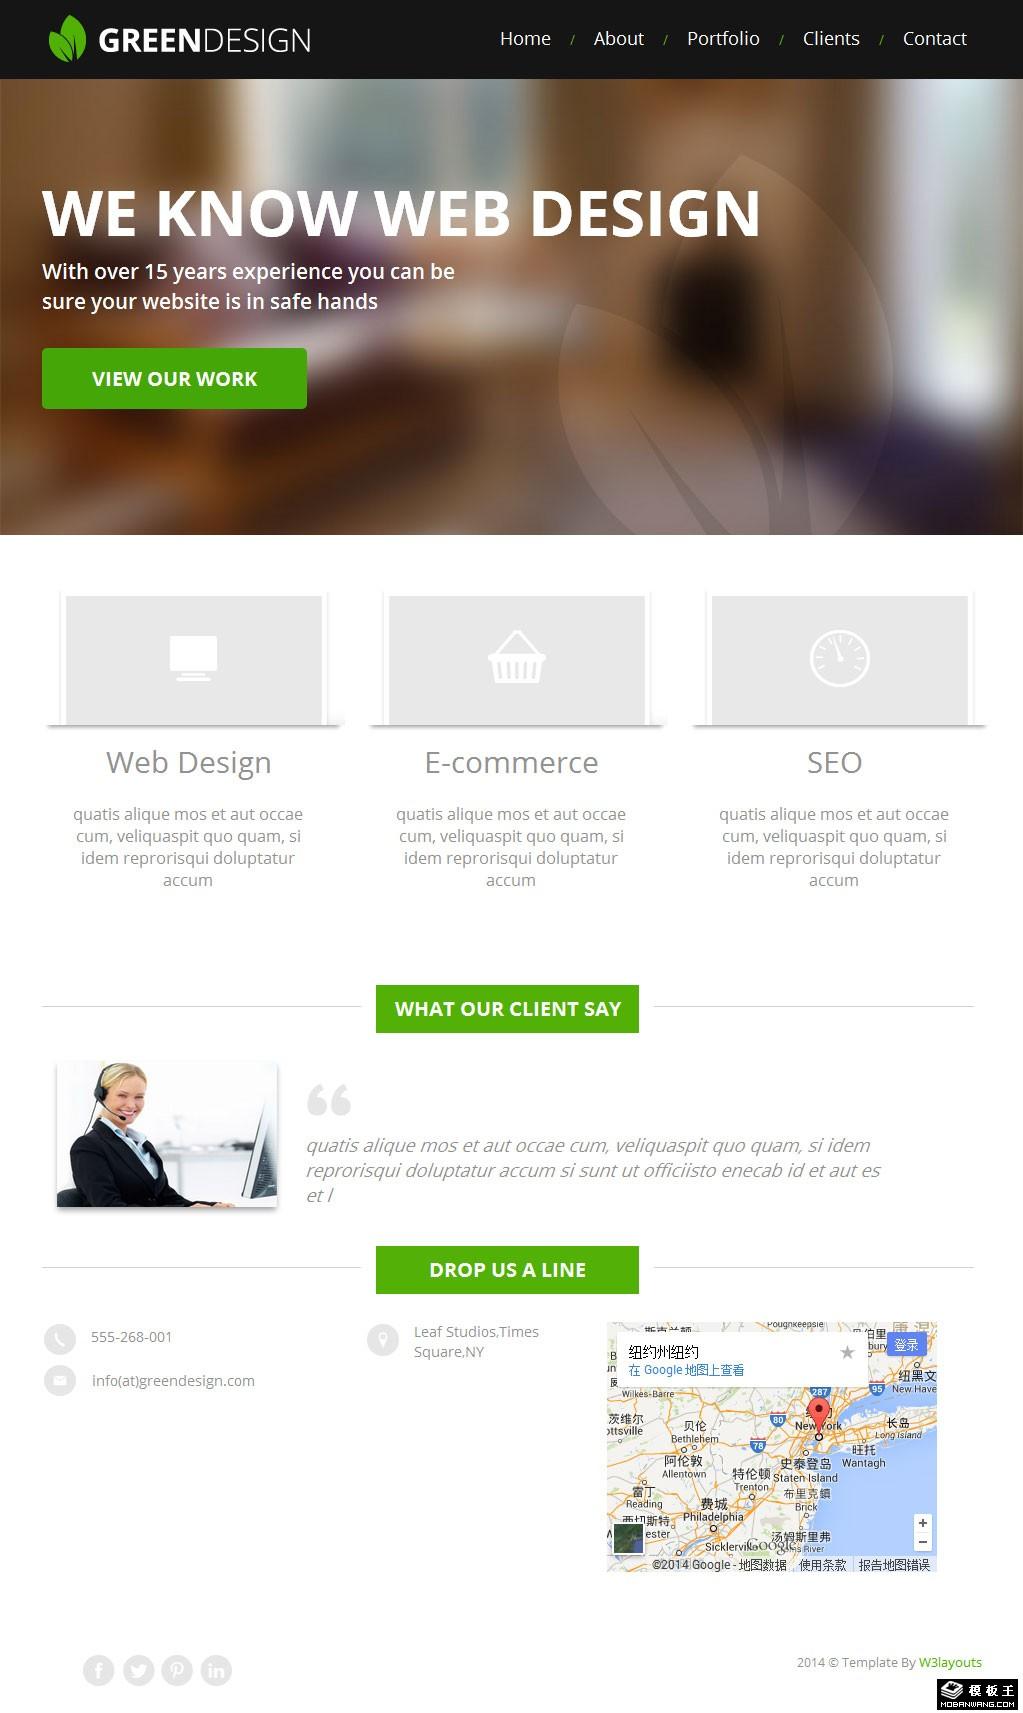 绿色设计工作室网页模板